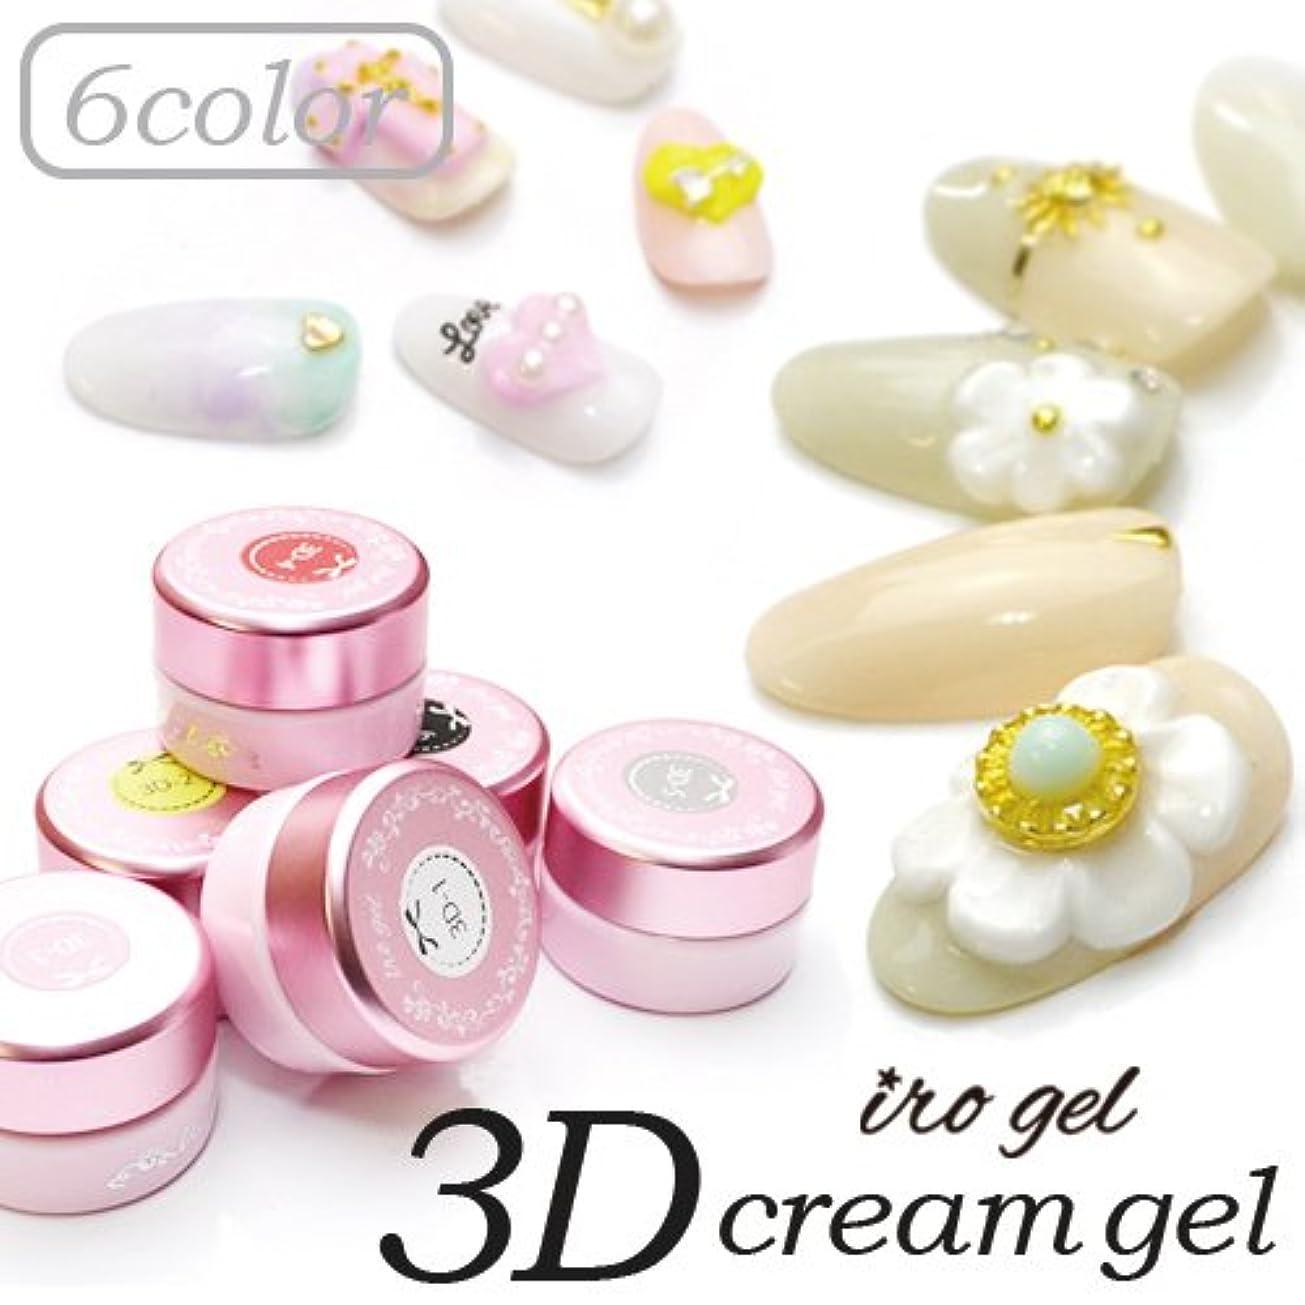 踏みつけ韓国失礼3D irogel(イロジェル)クリームジェル「4 レッド」3Dジェルネイル